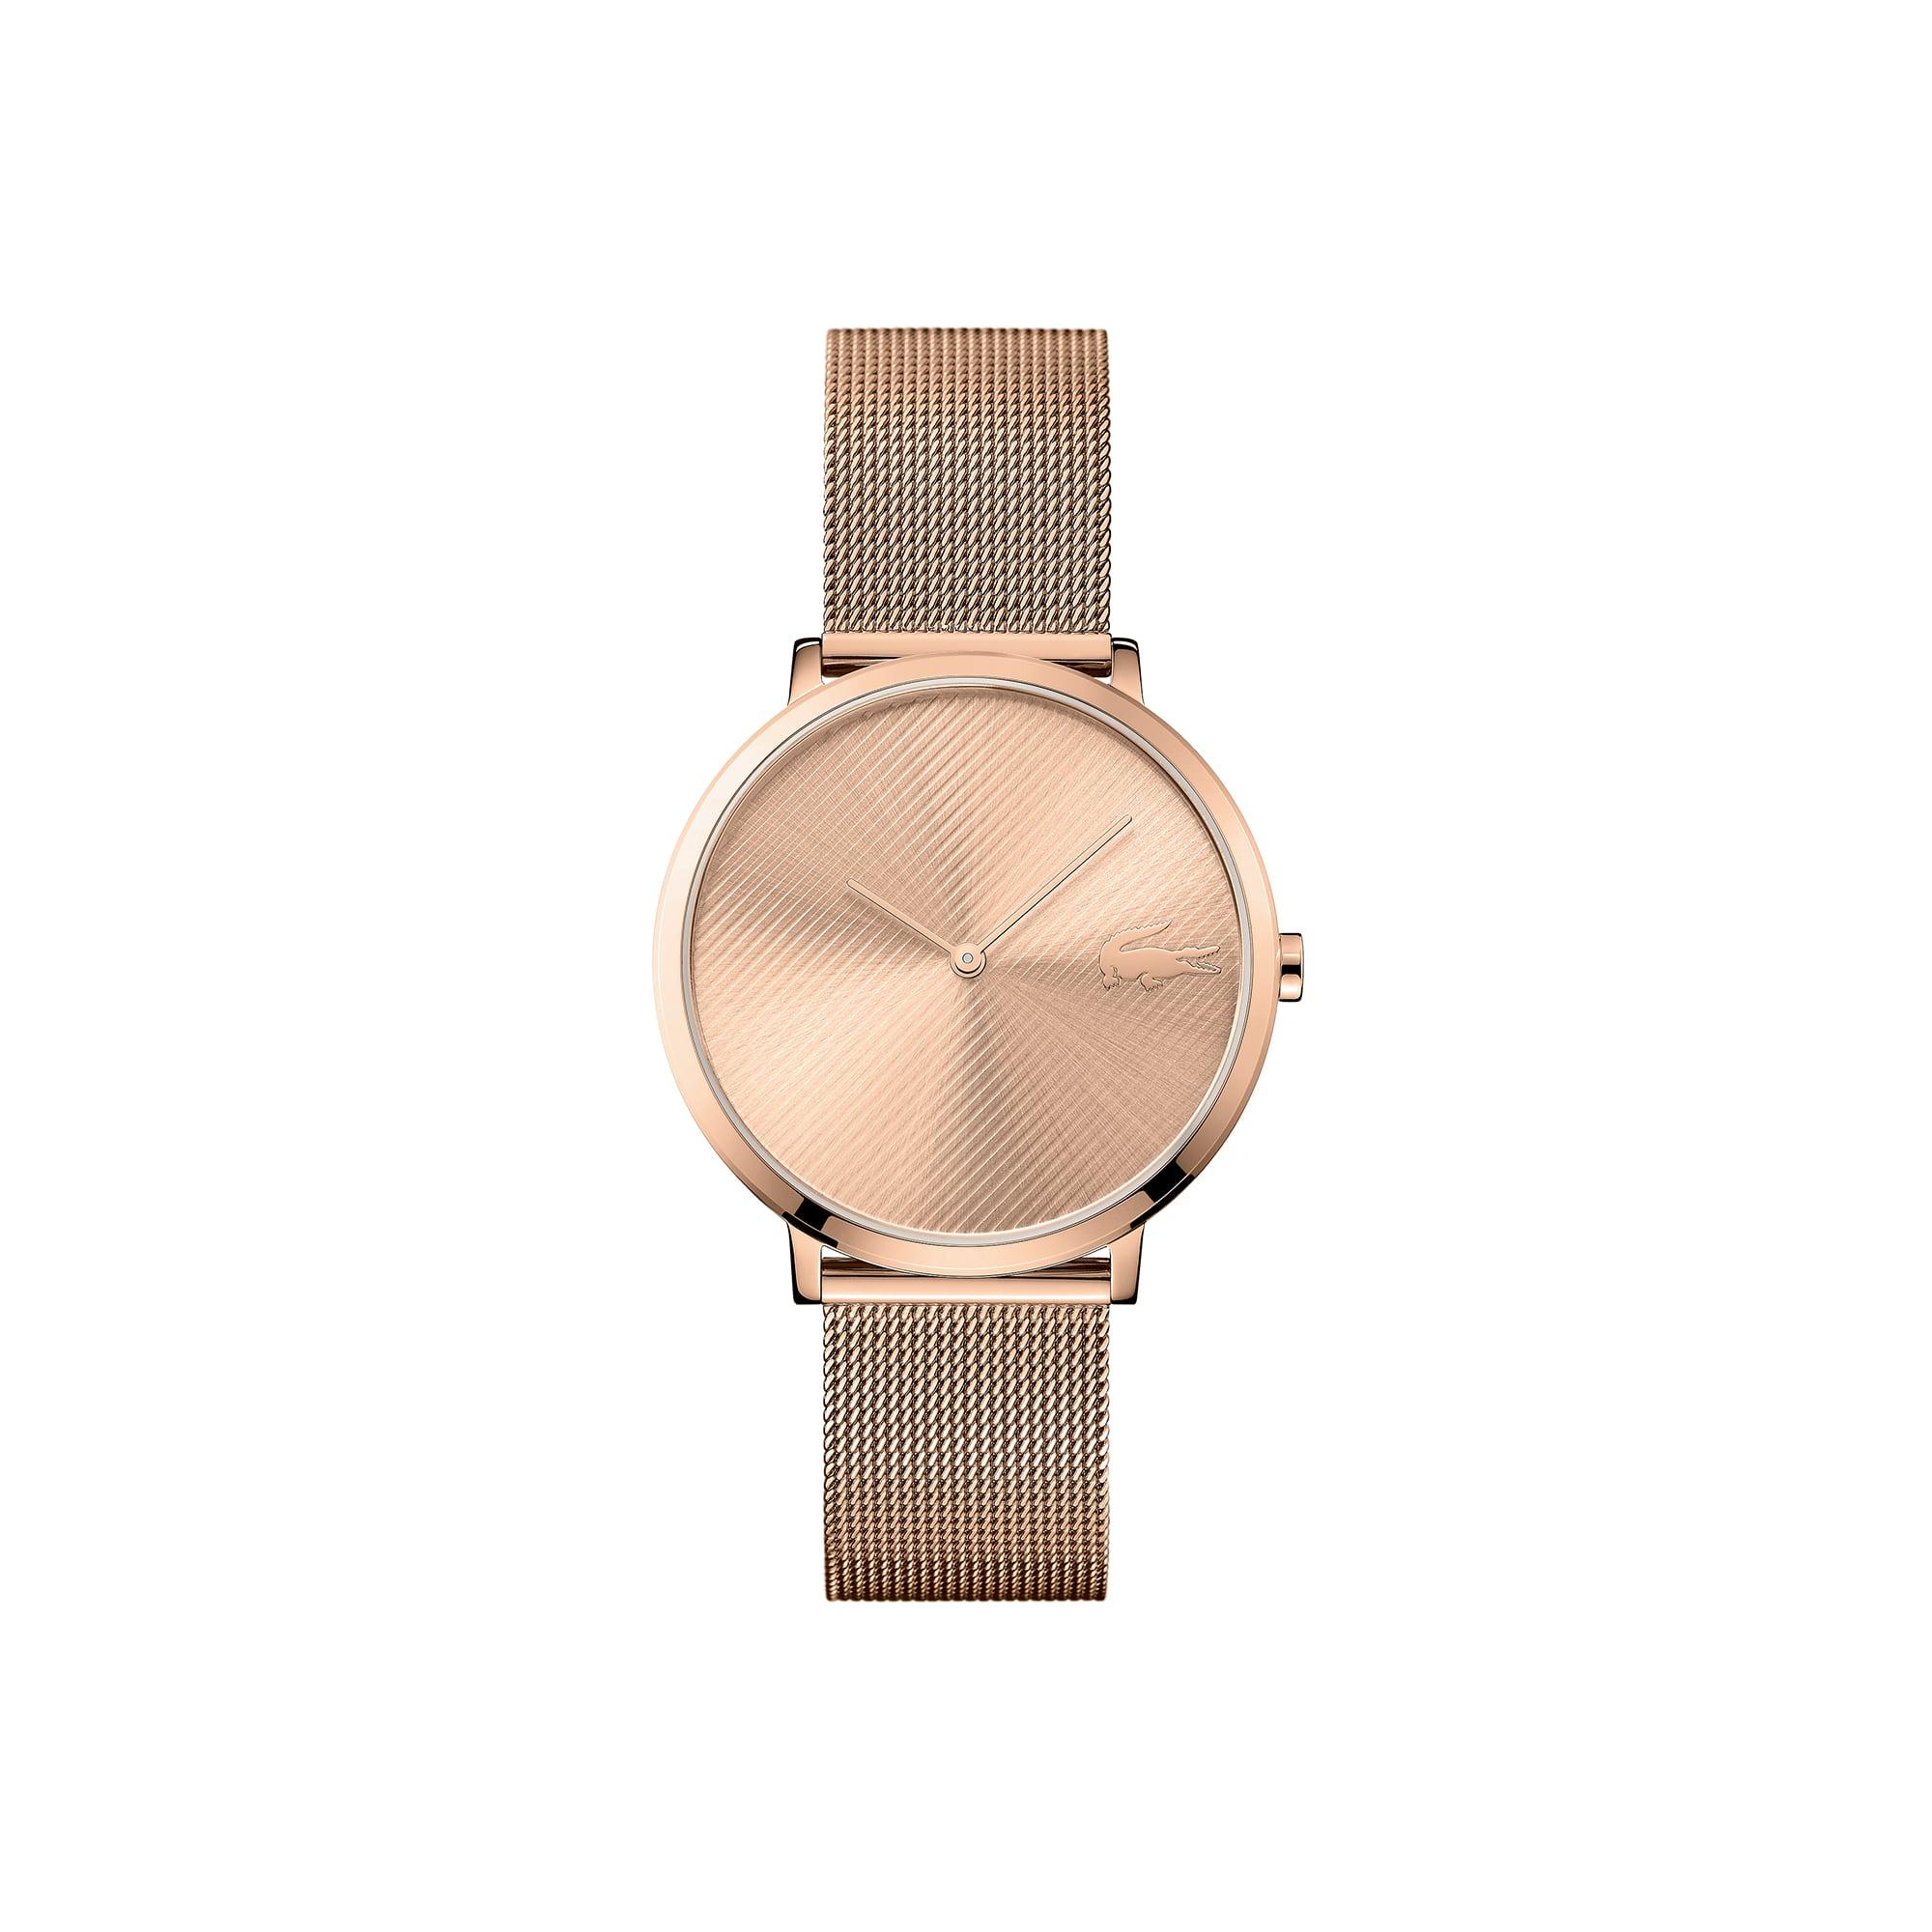 Reloj Moon ultrafino con pulsera de malla chapada de oro rosa